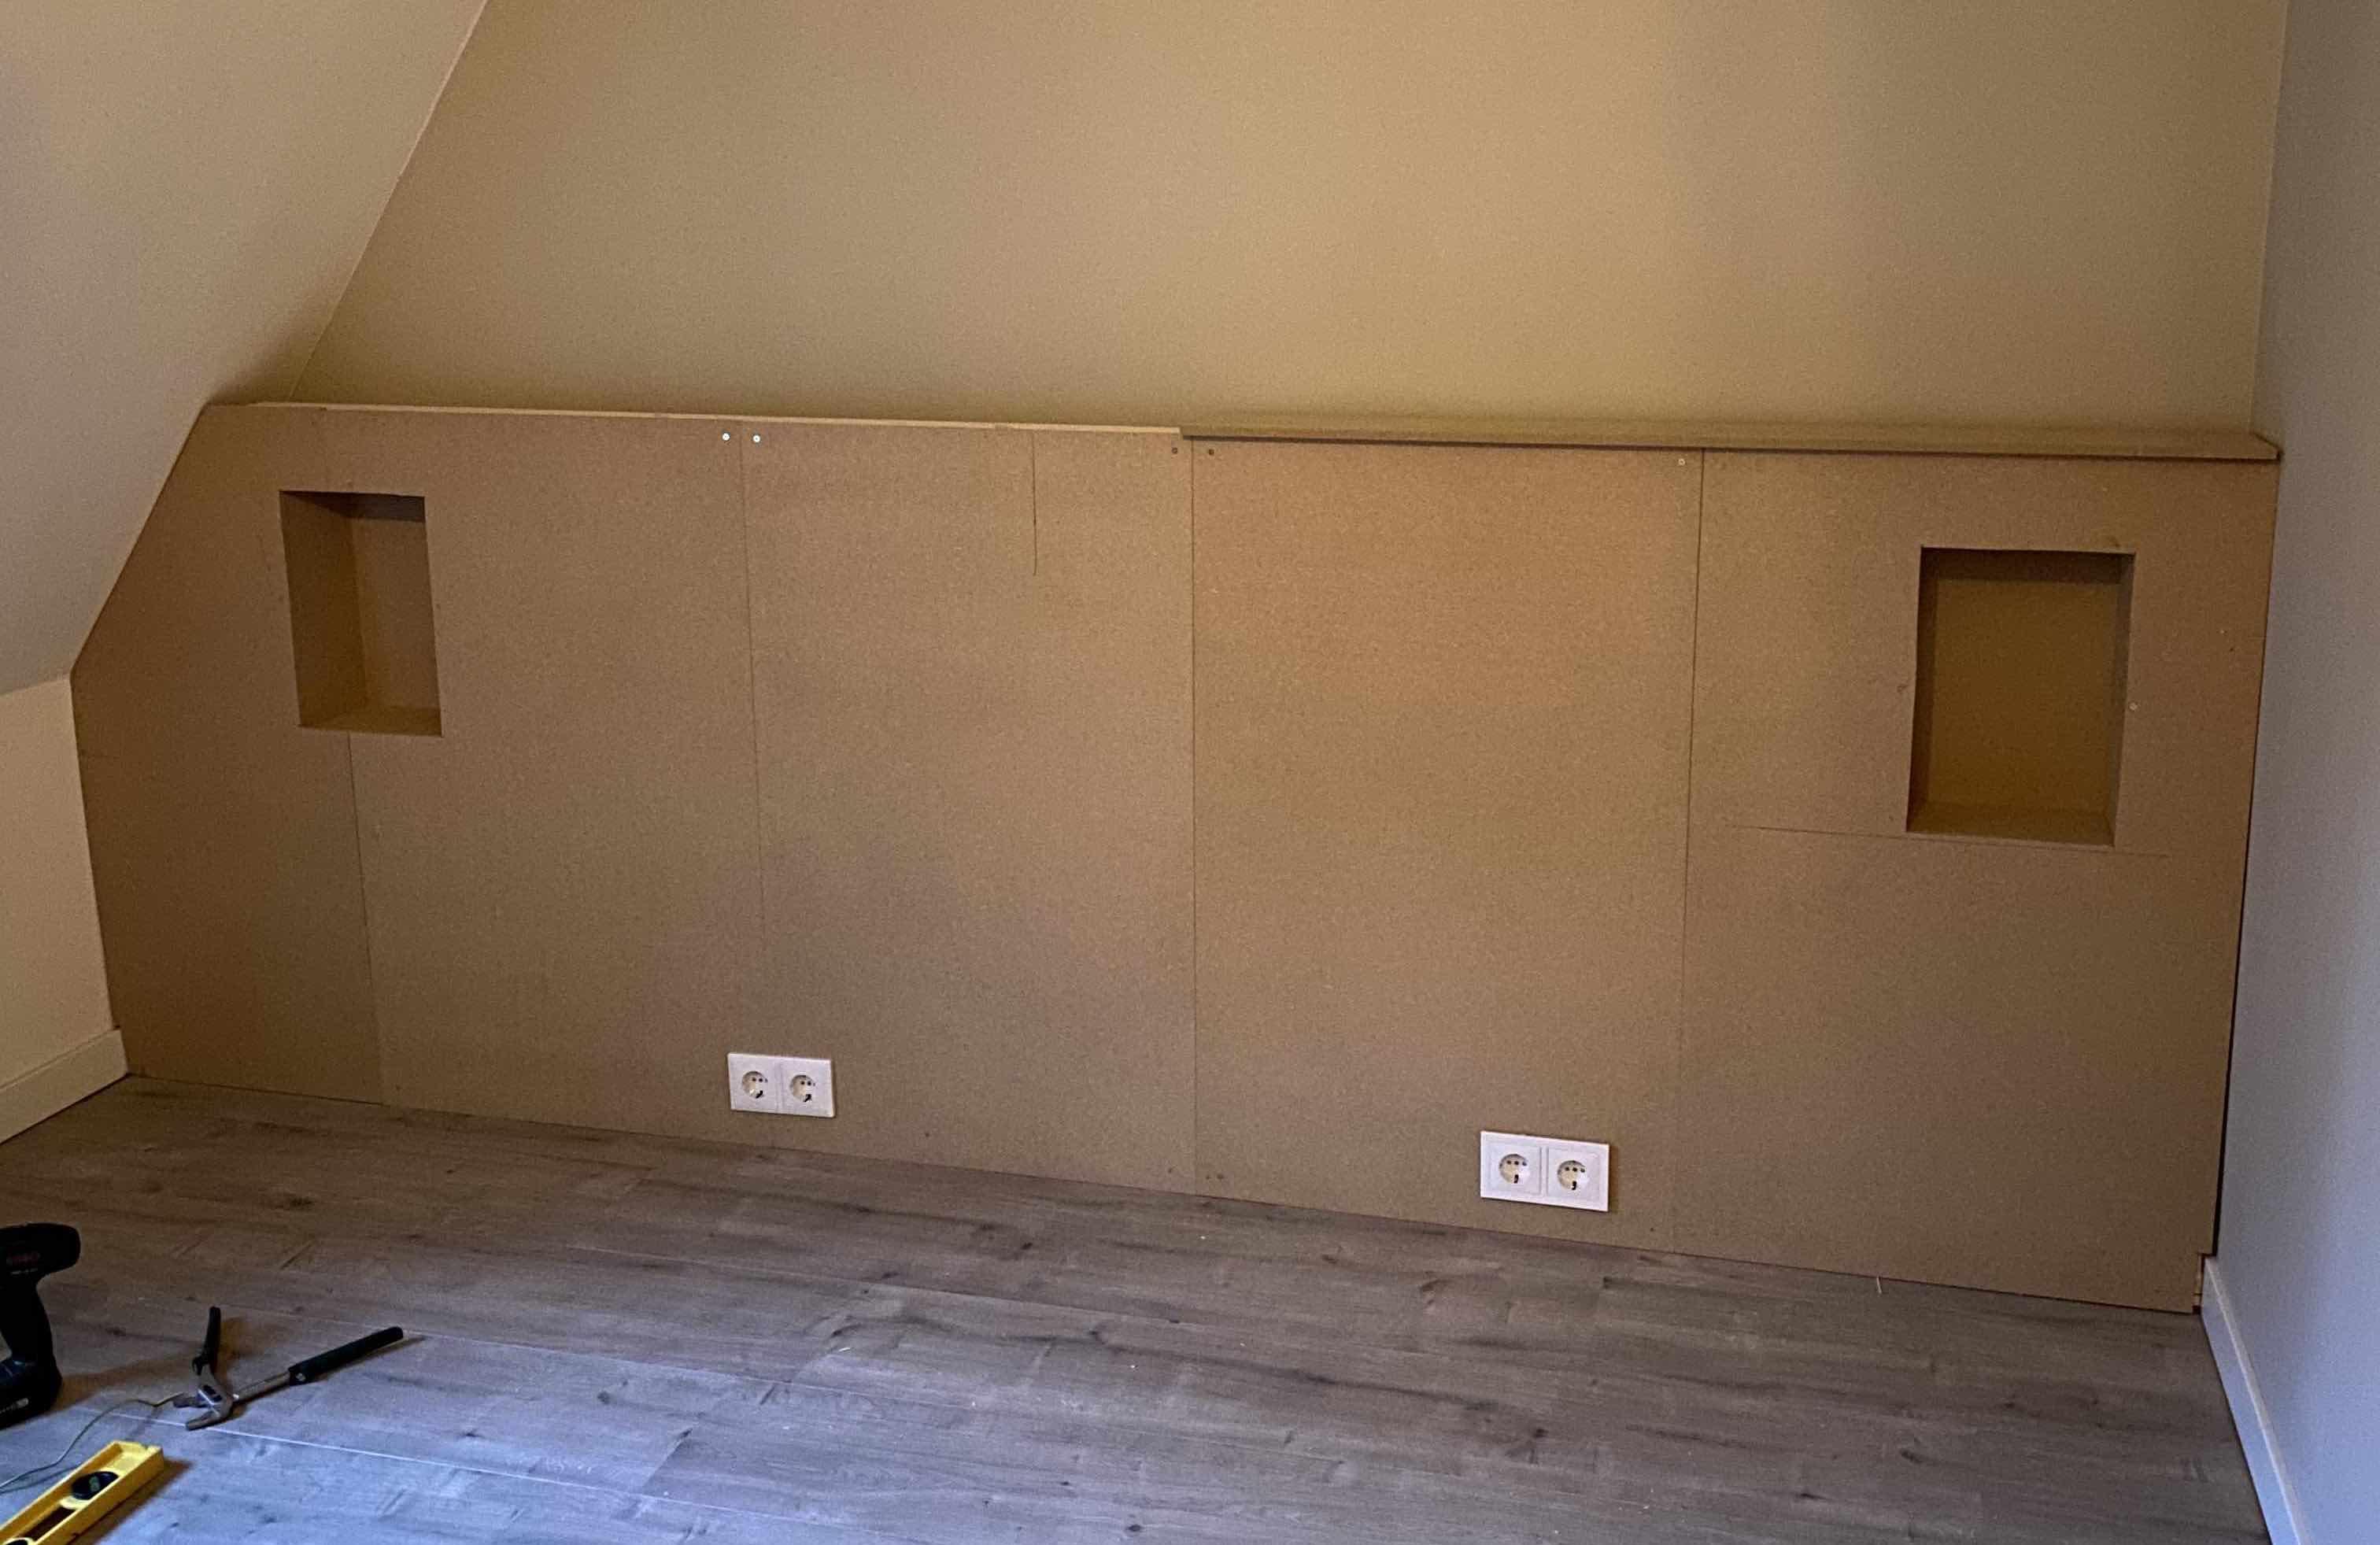 Hoofdbord met nisjes in de slaapkamer onder een schuine wand